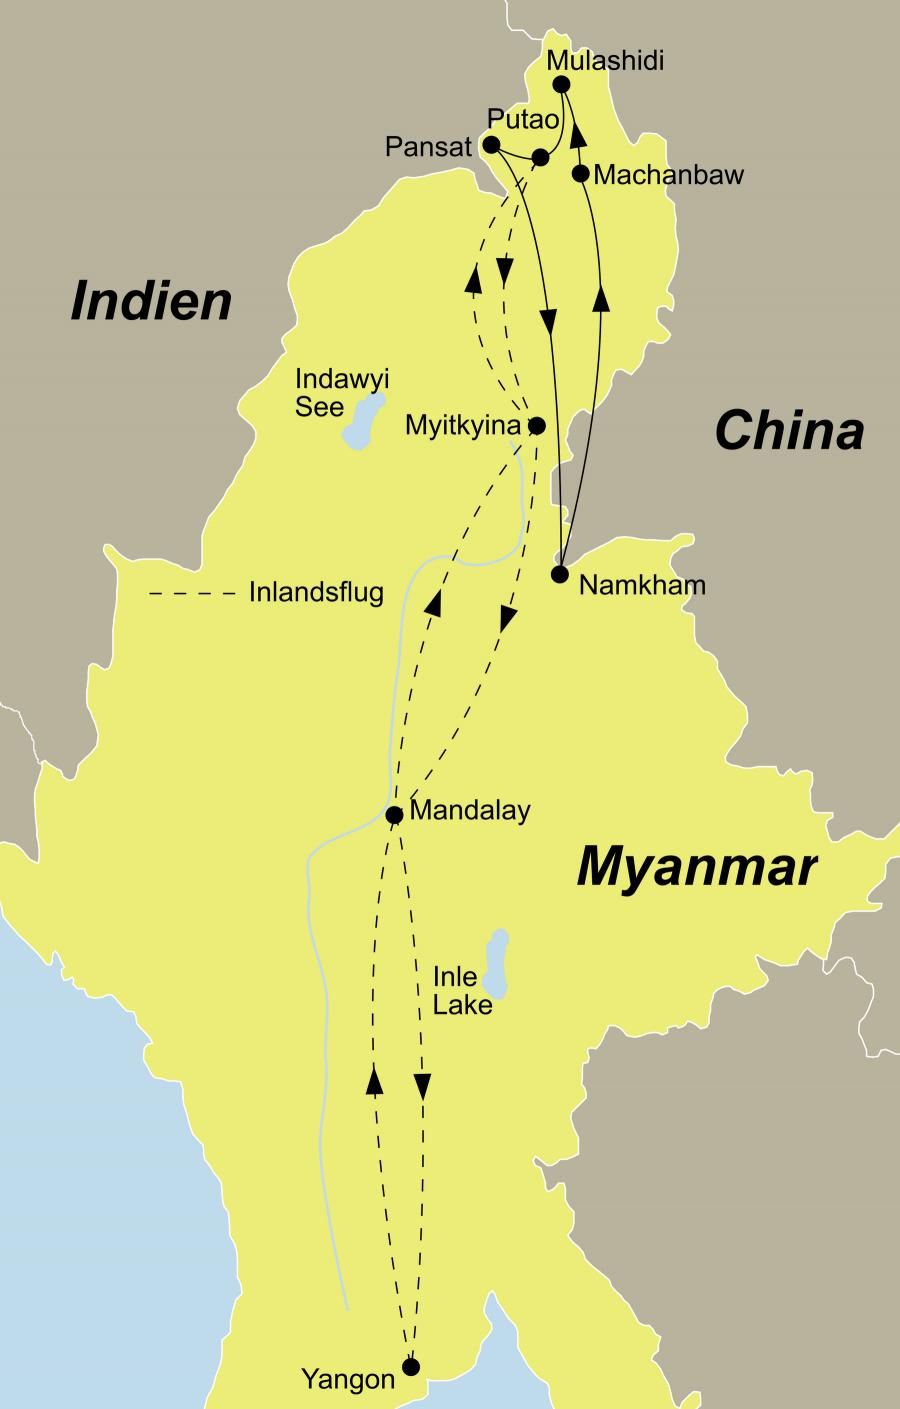 Die Myanmar Trekking Rundreise führt von Yangon über Pansat nach Putao